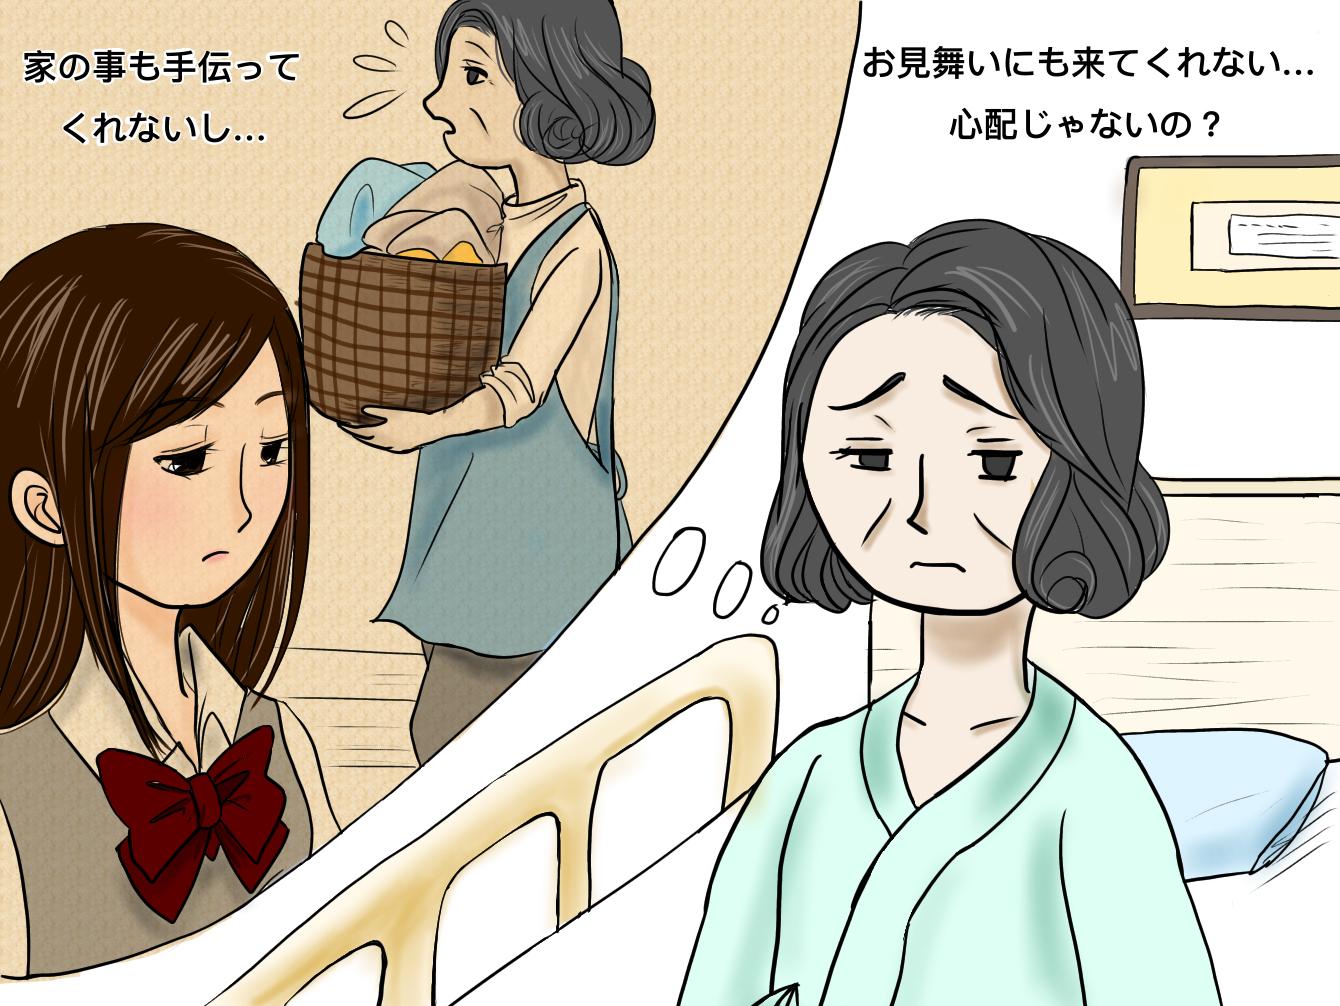 《お悩み》娘には思いやりの気持ちがないの?